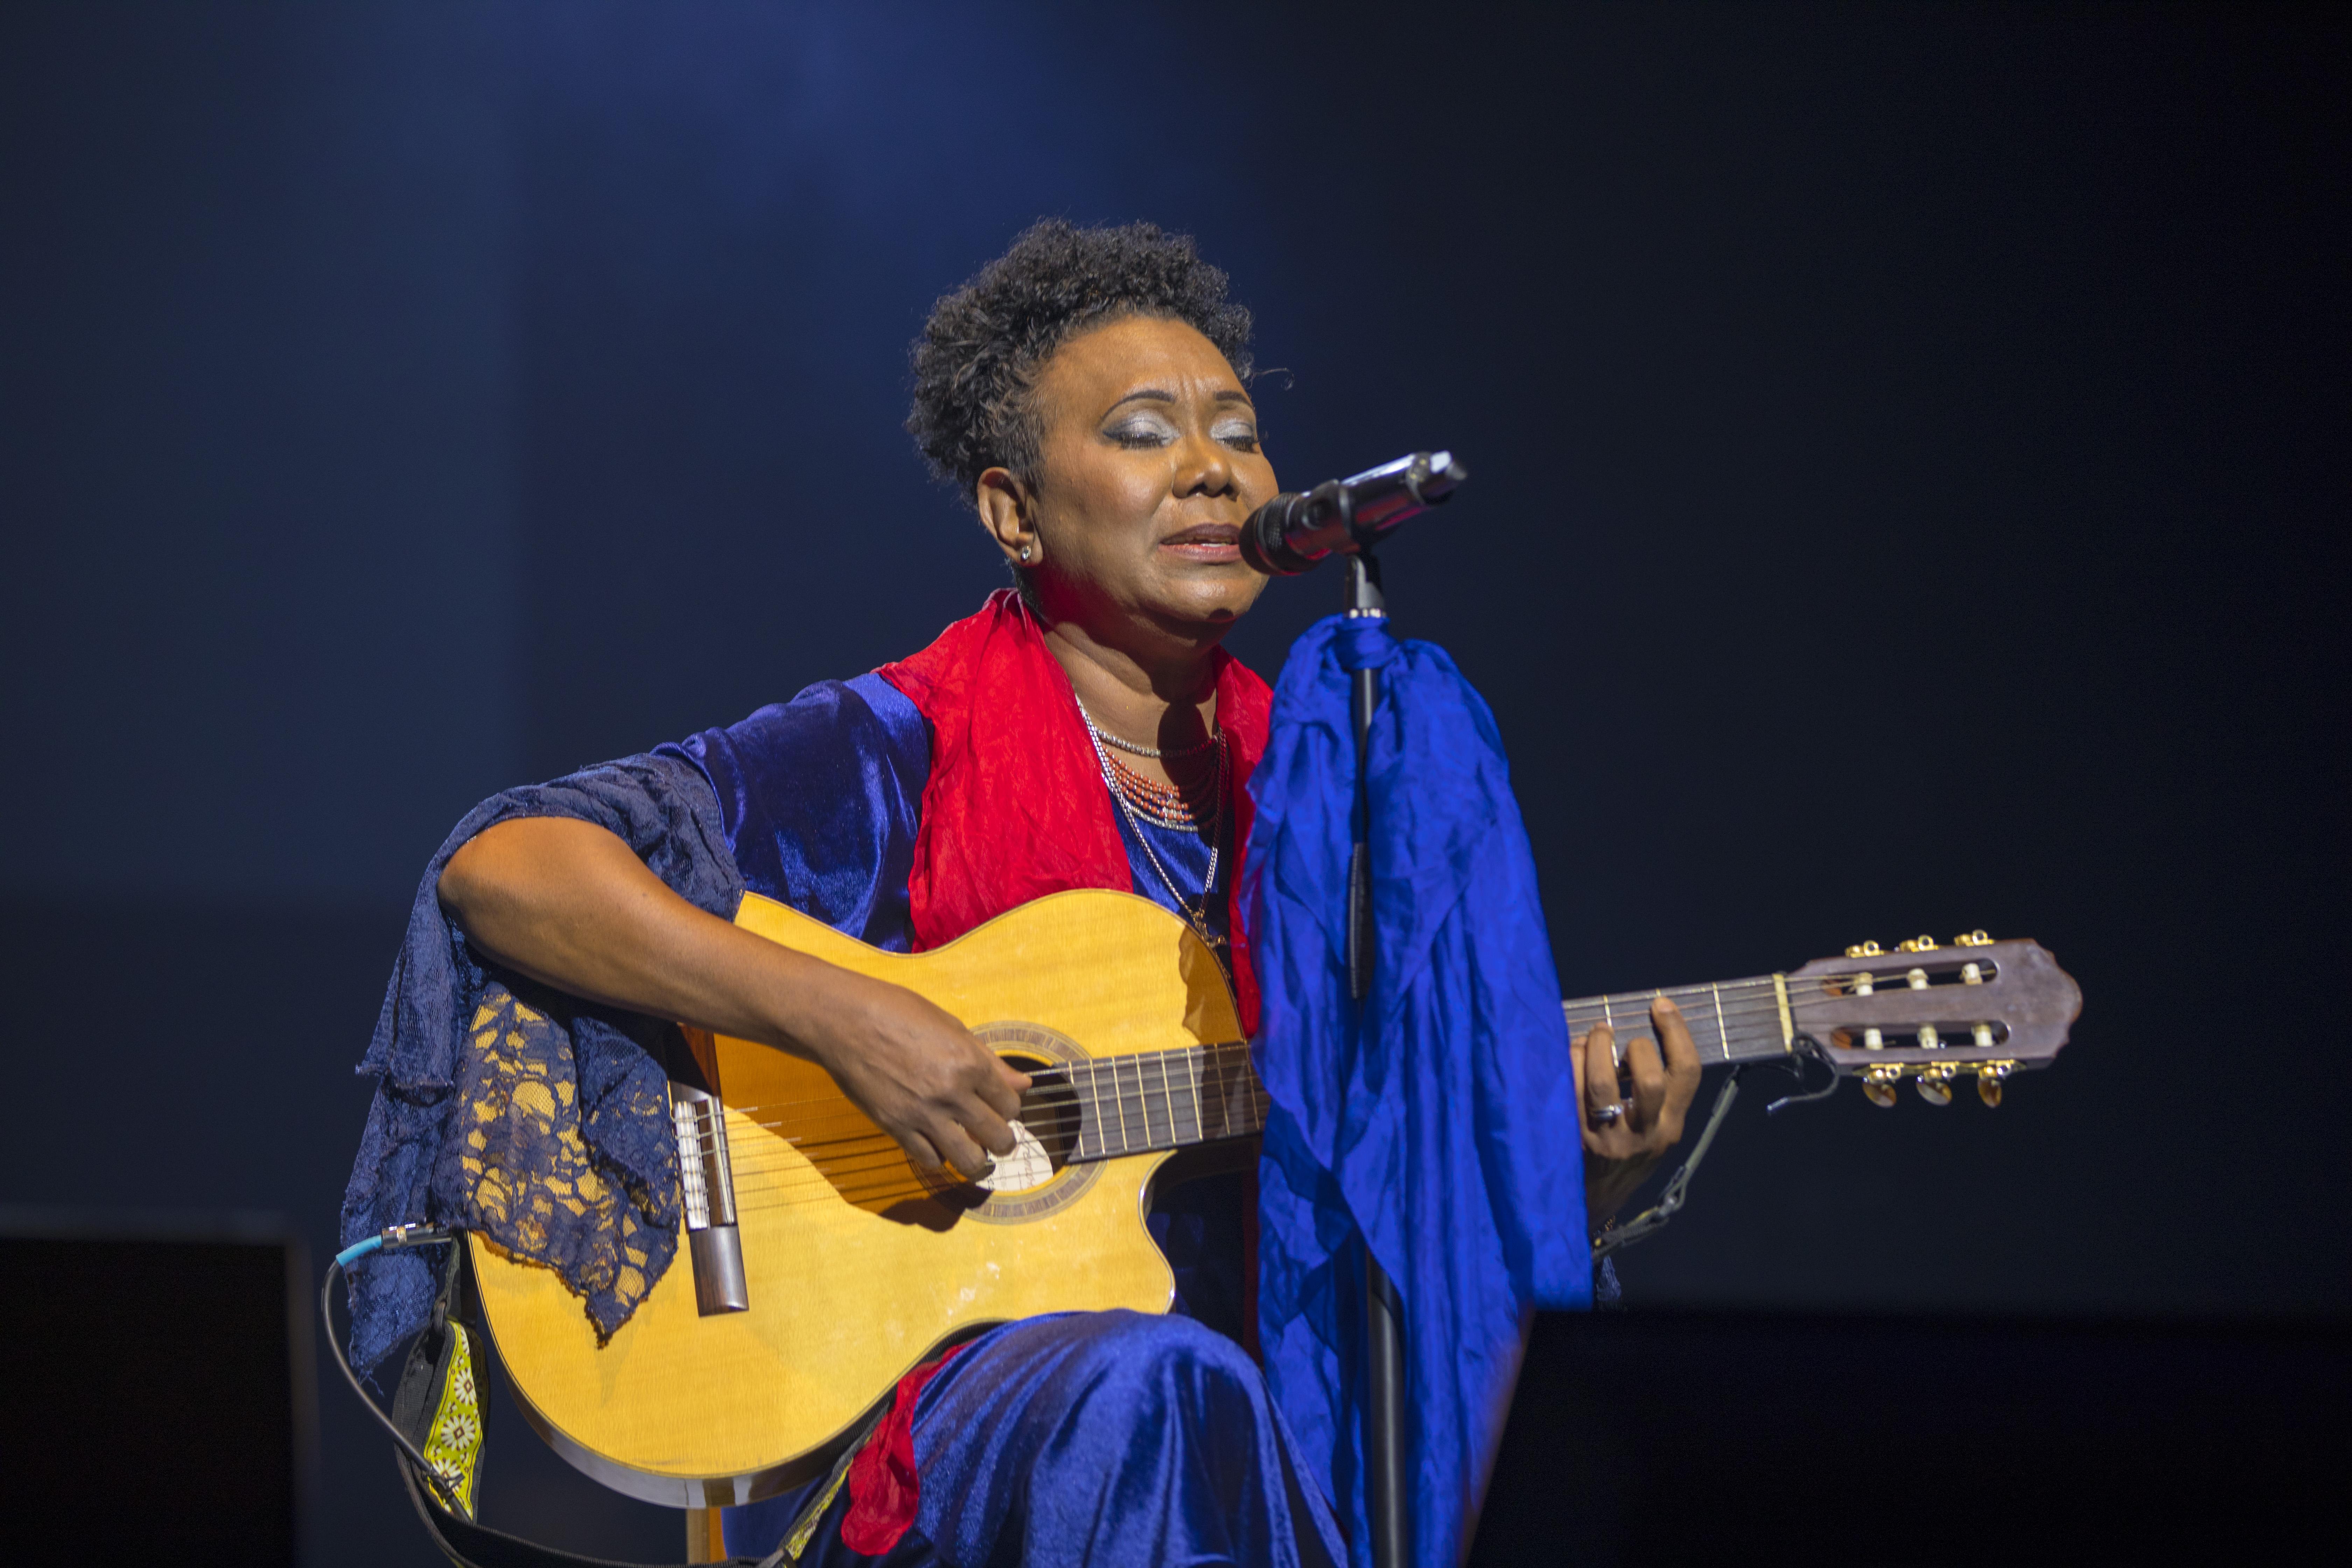 Xiomara Fortuna celebra 40 años de trayectoria en concierto